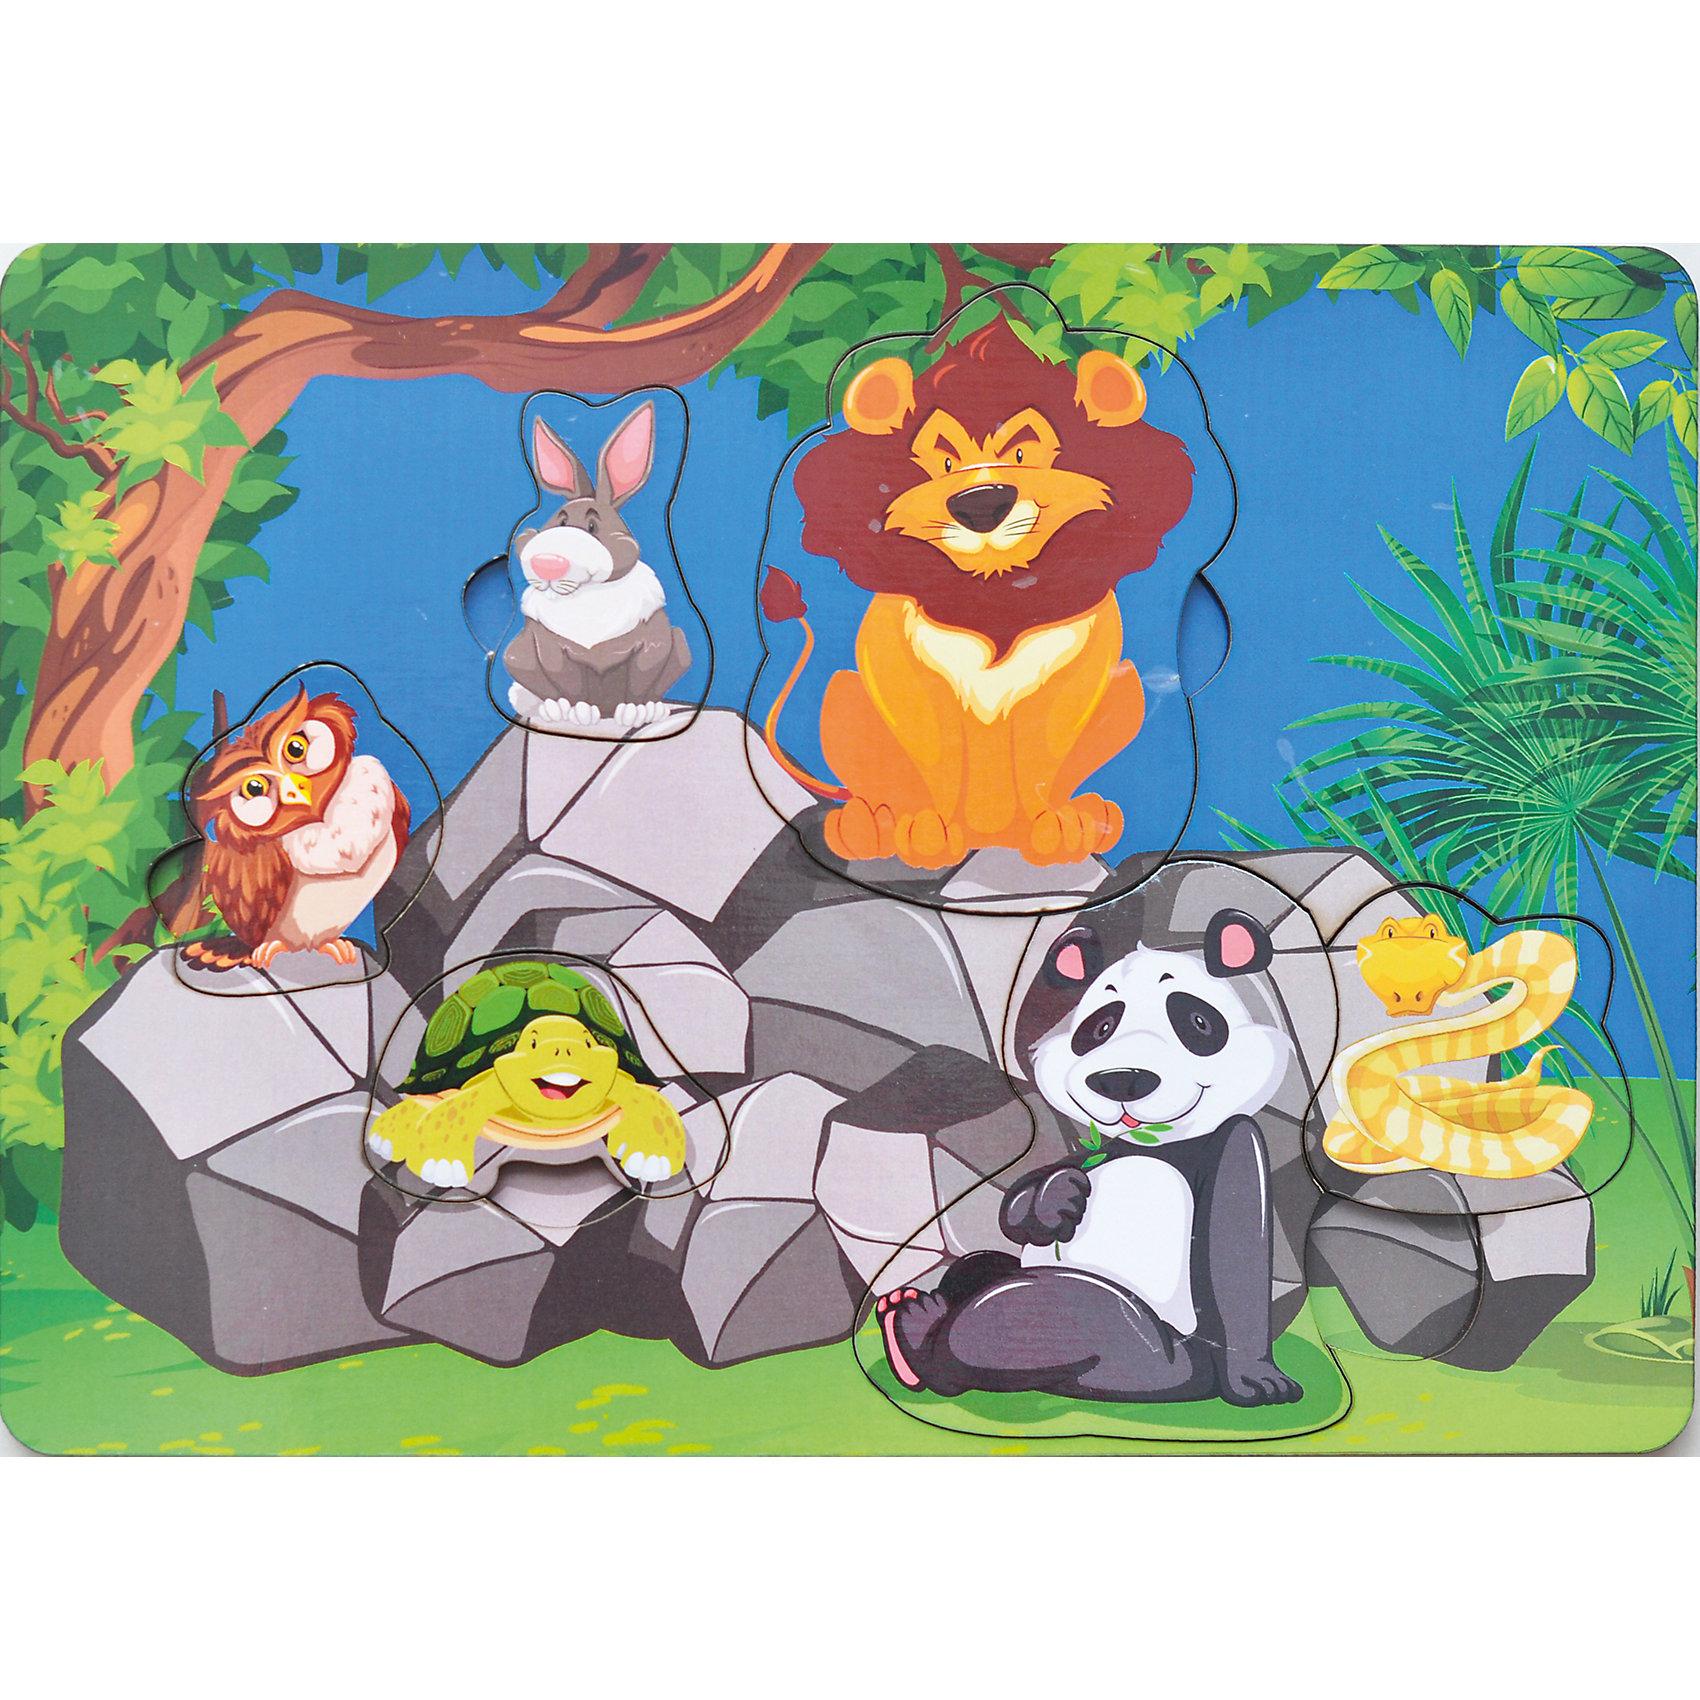 Развивающая рамка-вкладыш  «Звери на камнях», Мастер игрушекДеревянные игрушки<br>Звери на камнях - яркая рамка-вкладыш, с помощью которого ребенок познакомится с обитателями животного мира, вытащит зверюшек из ячеек и вернет обратно, выбрав нужный вырез. Яркая картинка понравится малышу, а игра поможет развить мелкую моторику, координацию и обогатить словарный запас.<br><br>Дополнительная информация:<br>В комплекте: 6 вкладышей, рамка<br>Материал: дерево<br>Размер: 0,7х19,5х28 см<br>Вес: 260 грамм<br>Вы можете купить рамку-вкладыш Звери на камнях в нашем интернет-магазине.<br><br>Ширина мм: 280<br>Глубина мм: 7<br>Высота мм: 195<br>Вес г: 260<br>Возраст от месяцев: 36<br>Возраст до месяцев: 120<br>Пол: Унисекс<br>Возраст: Детский<br>SKU: 4953657